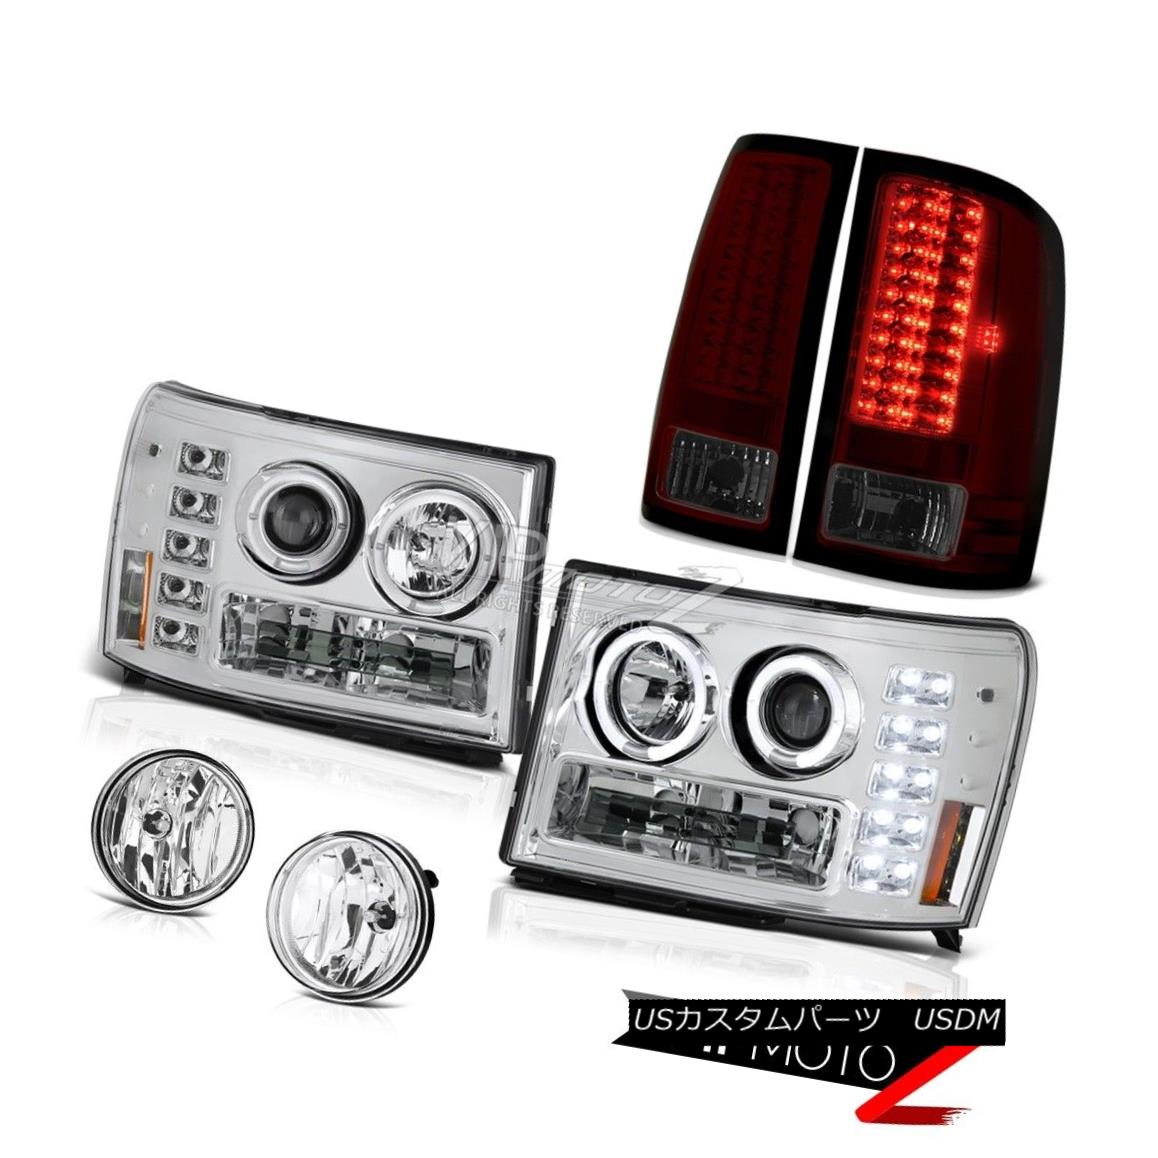 ヘッドライト 2007-2013 GMC Sierra Vortec Crystal Halo LED Headlights Wine Red Tail Light Fog 2007-2013 GMC Sierra VortecクリスタルハローLEDヘッドライトワインレッドテールライトフォグ